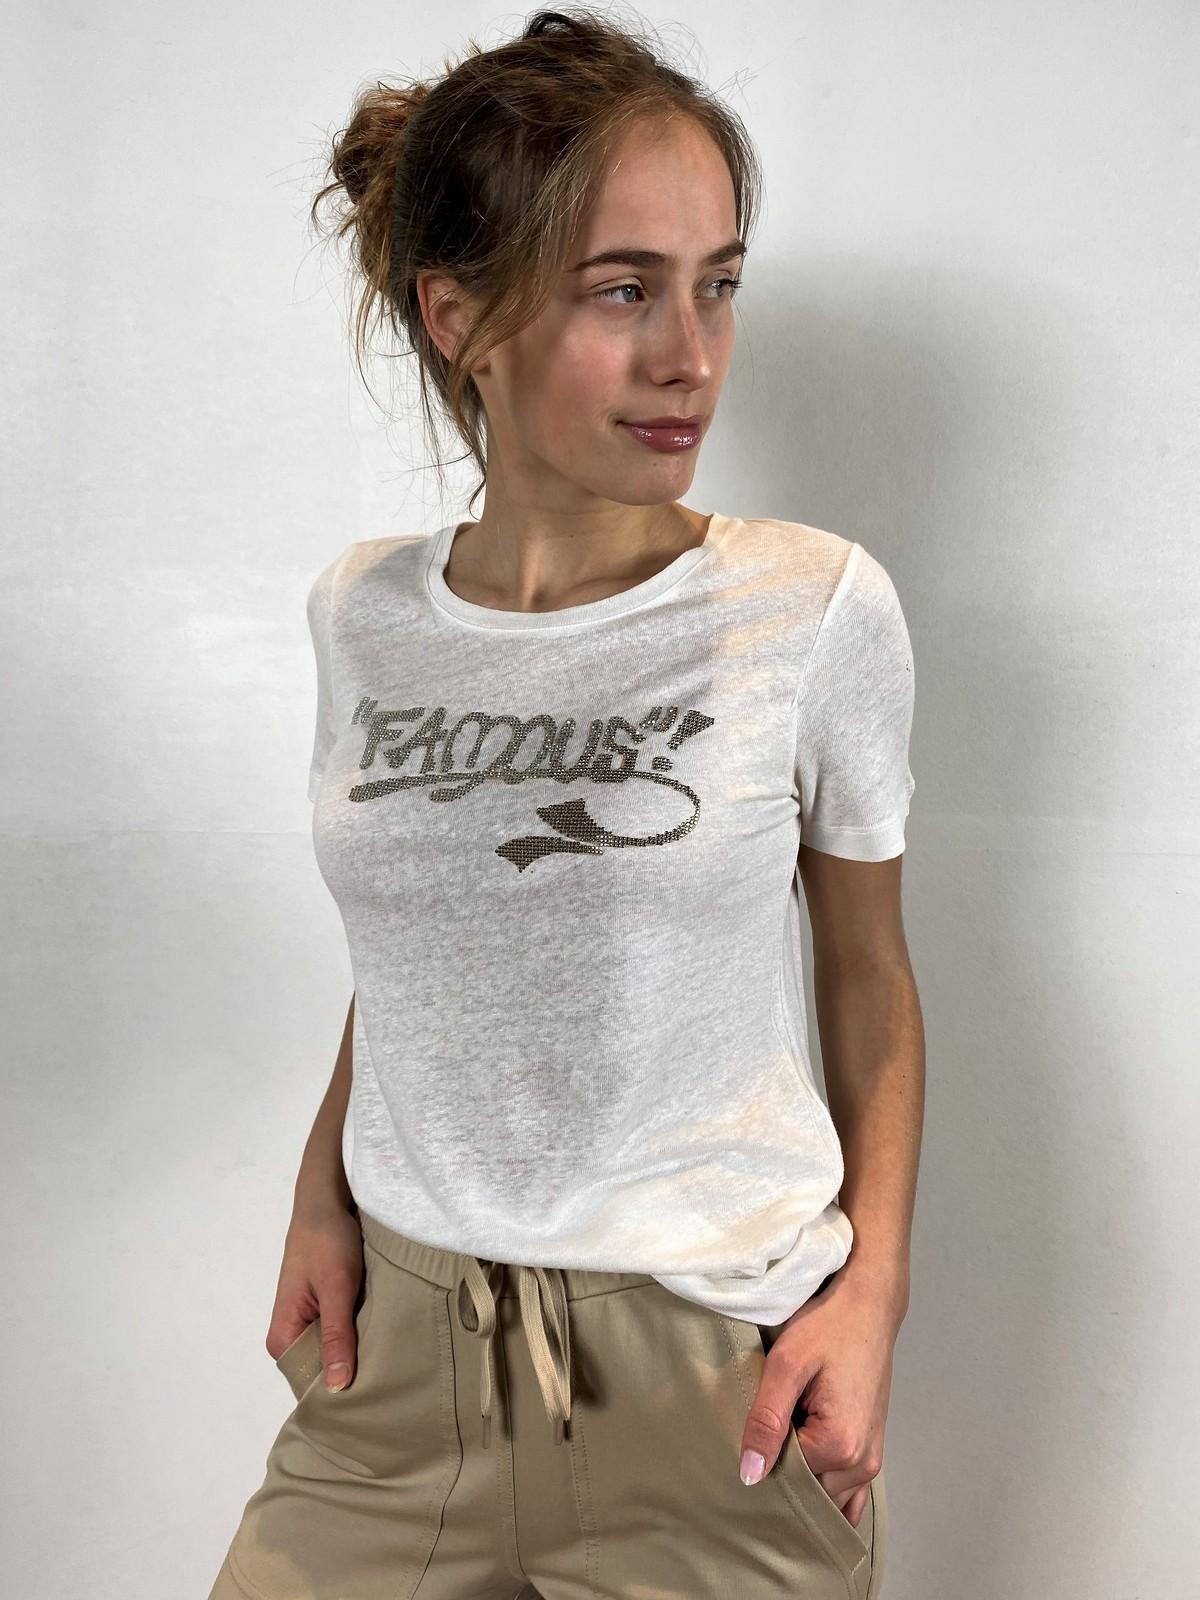 T-shirt famous linnen viscose - 26544 - Margittes